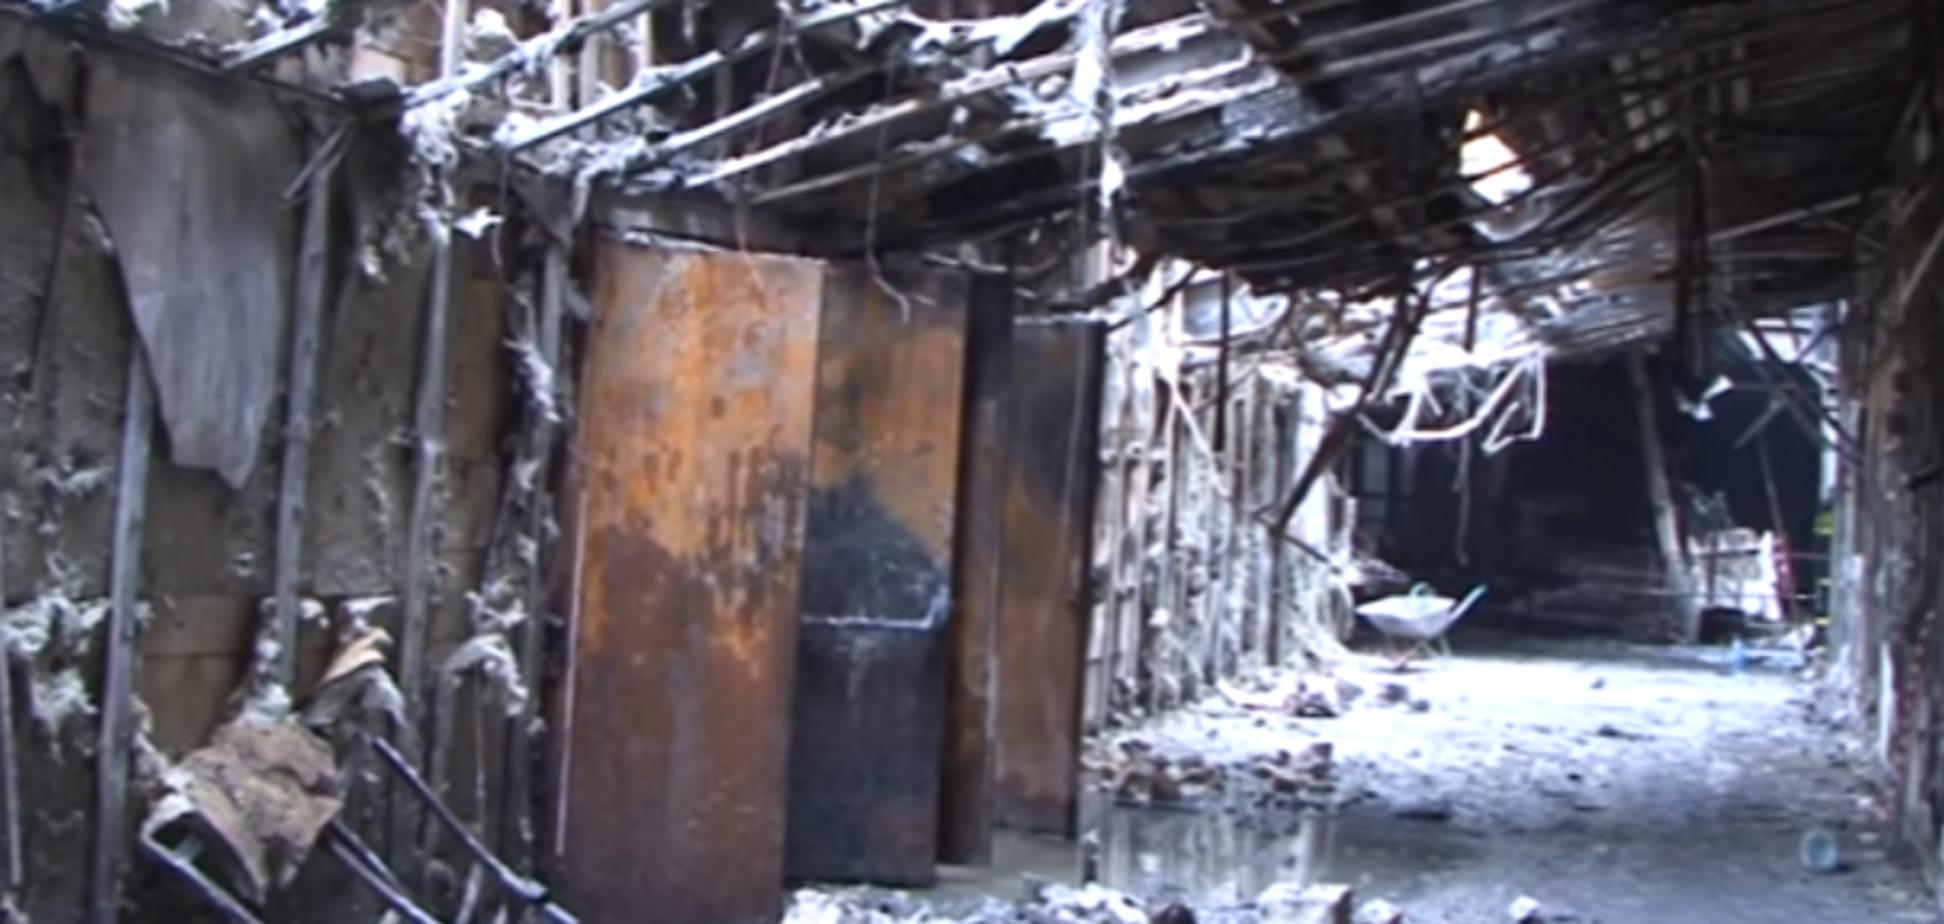 Як виглядає ТРЦ у Кемерово після пожежі: опубліковано моторошне відео